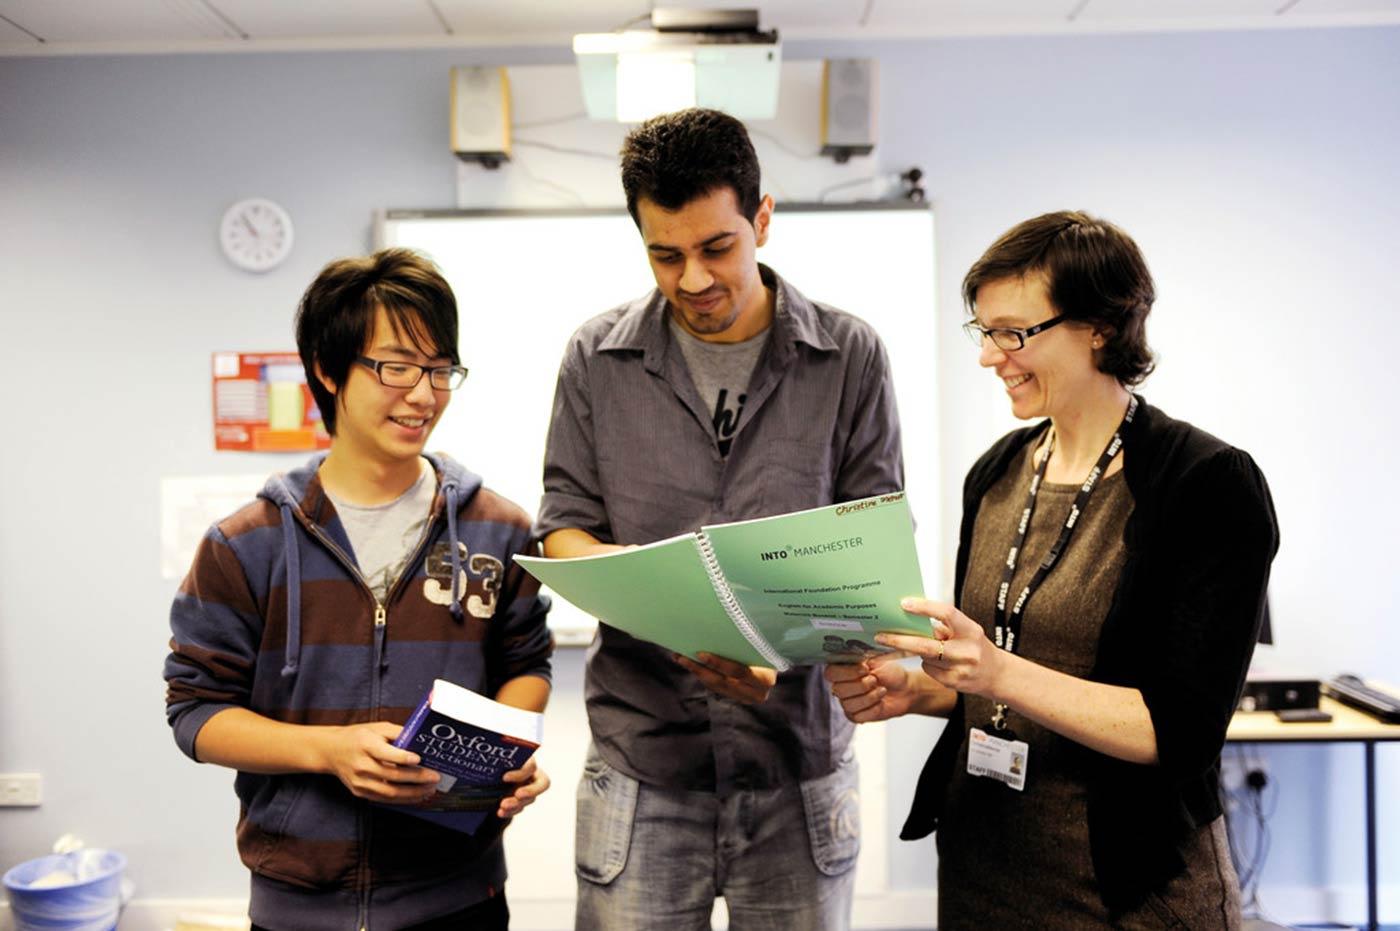 升学安置团队和大学联络导师会帮助你选择最适合你的大学